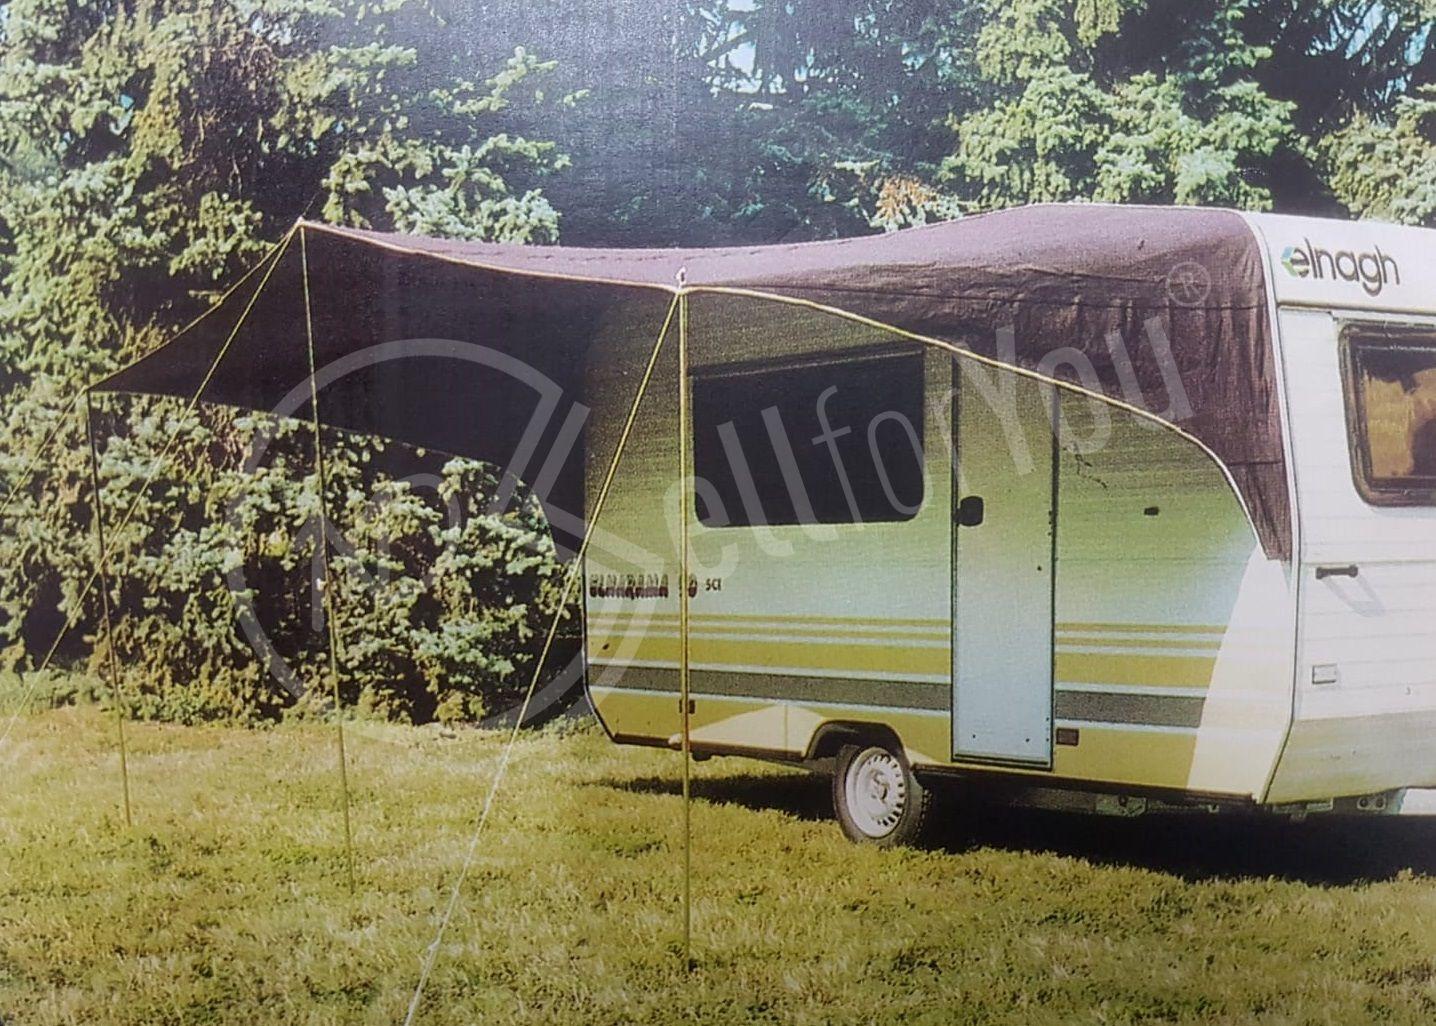 sellforyou immagine default articolo correlato non trovatoTendalino per caravan taglia 4 Eurotenda mod. Parasole 550